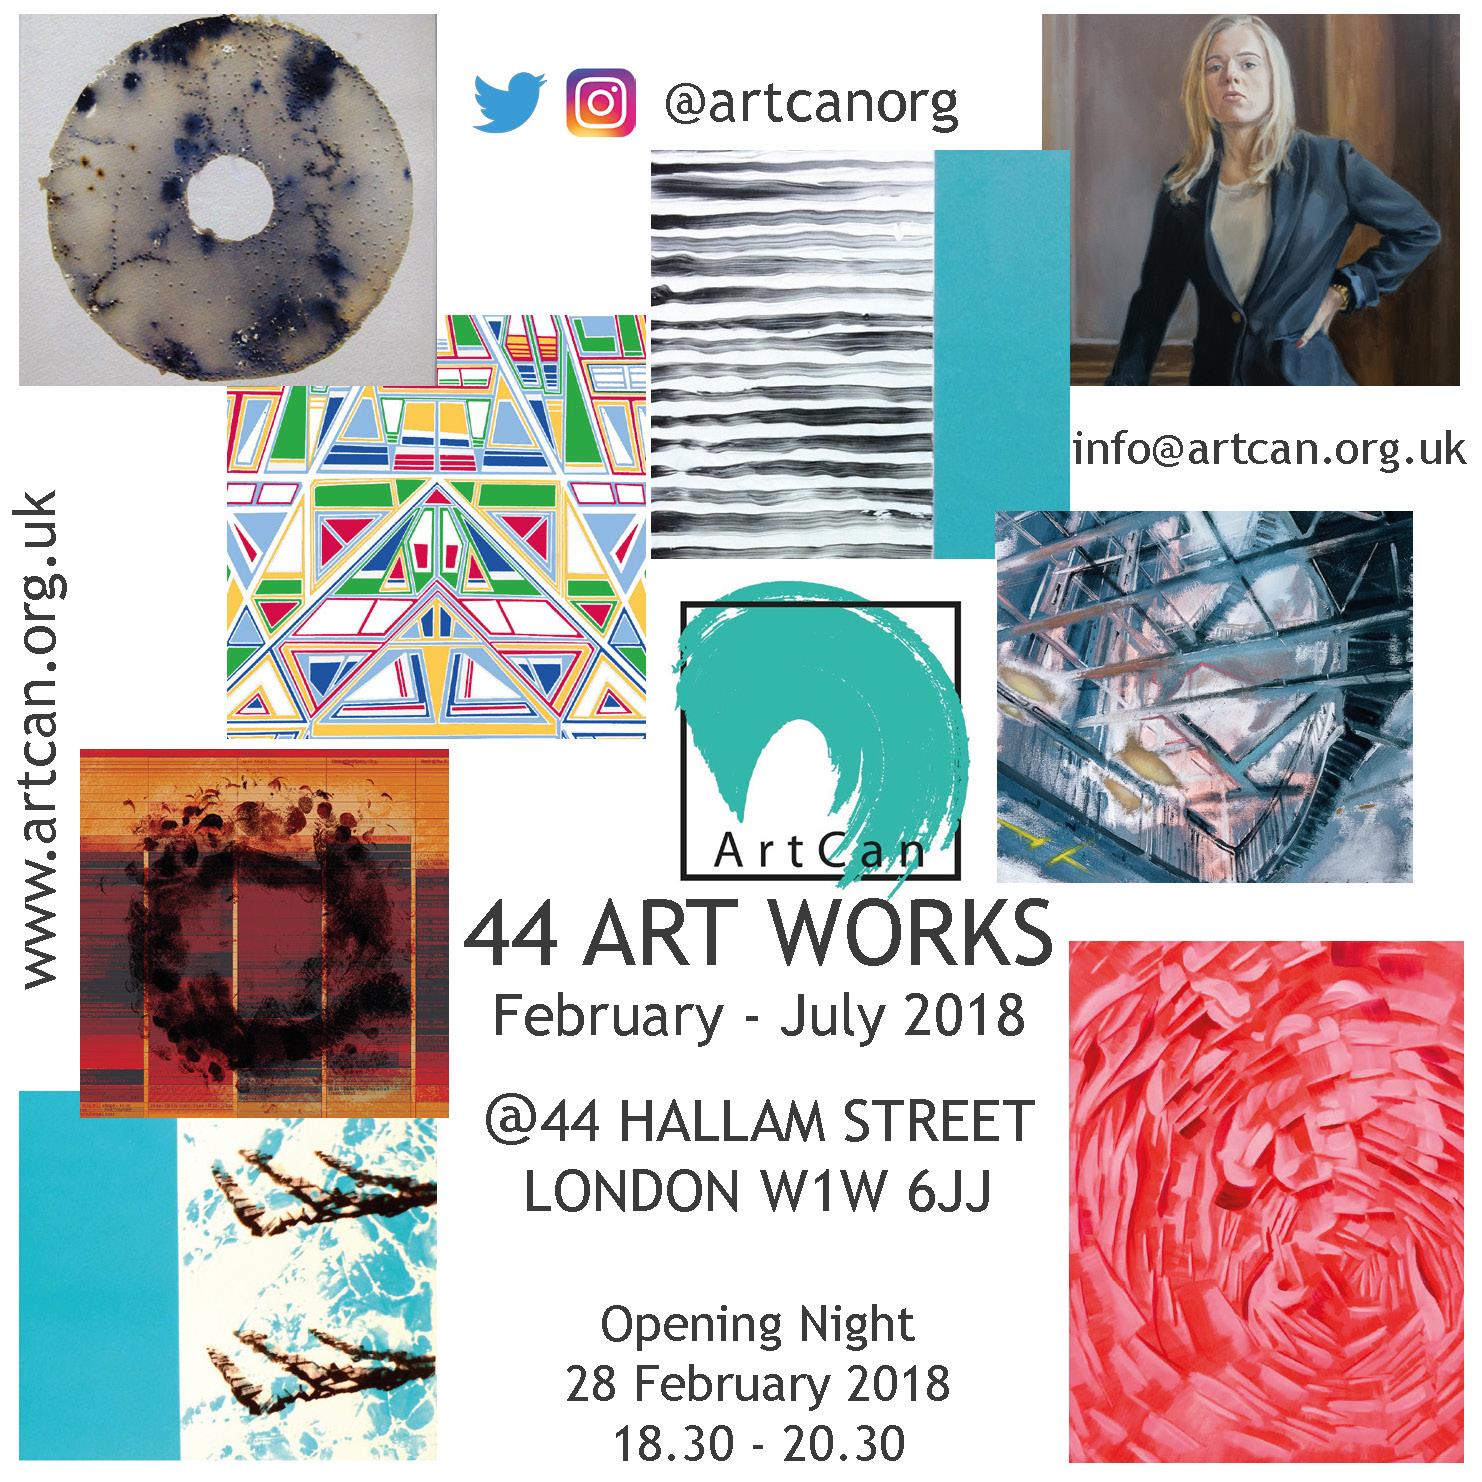 44 ArtWorks at 44 Hallam Street - ArtCan INVITE 28 FEB 2018.jpg